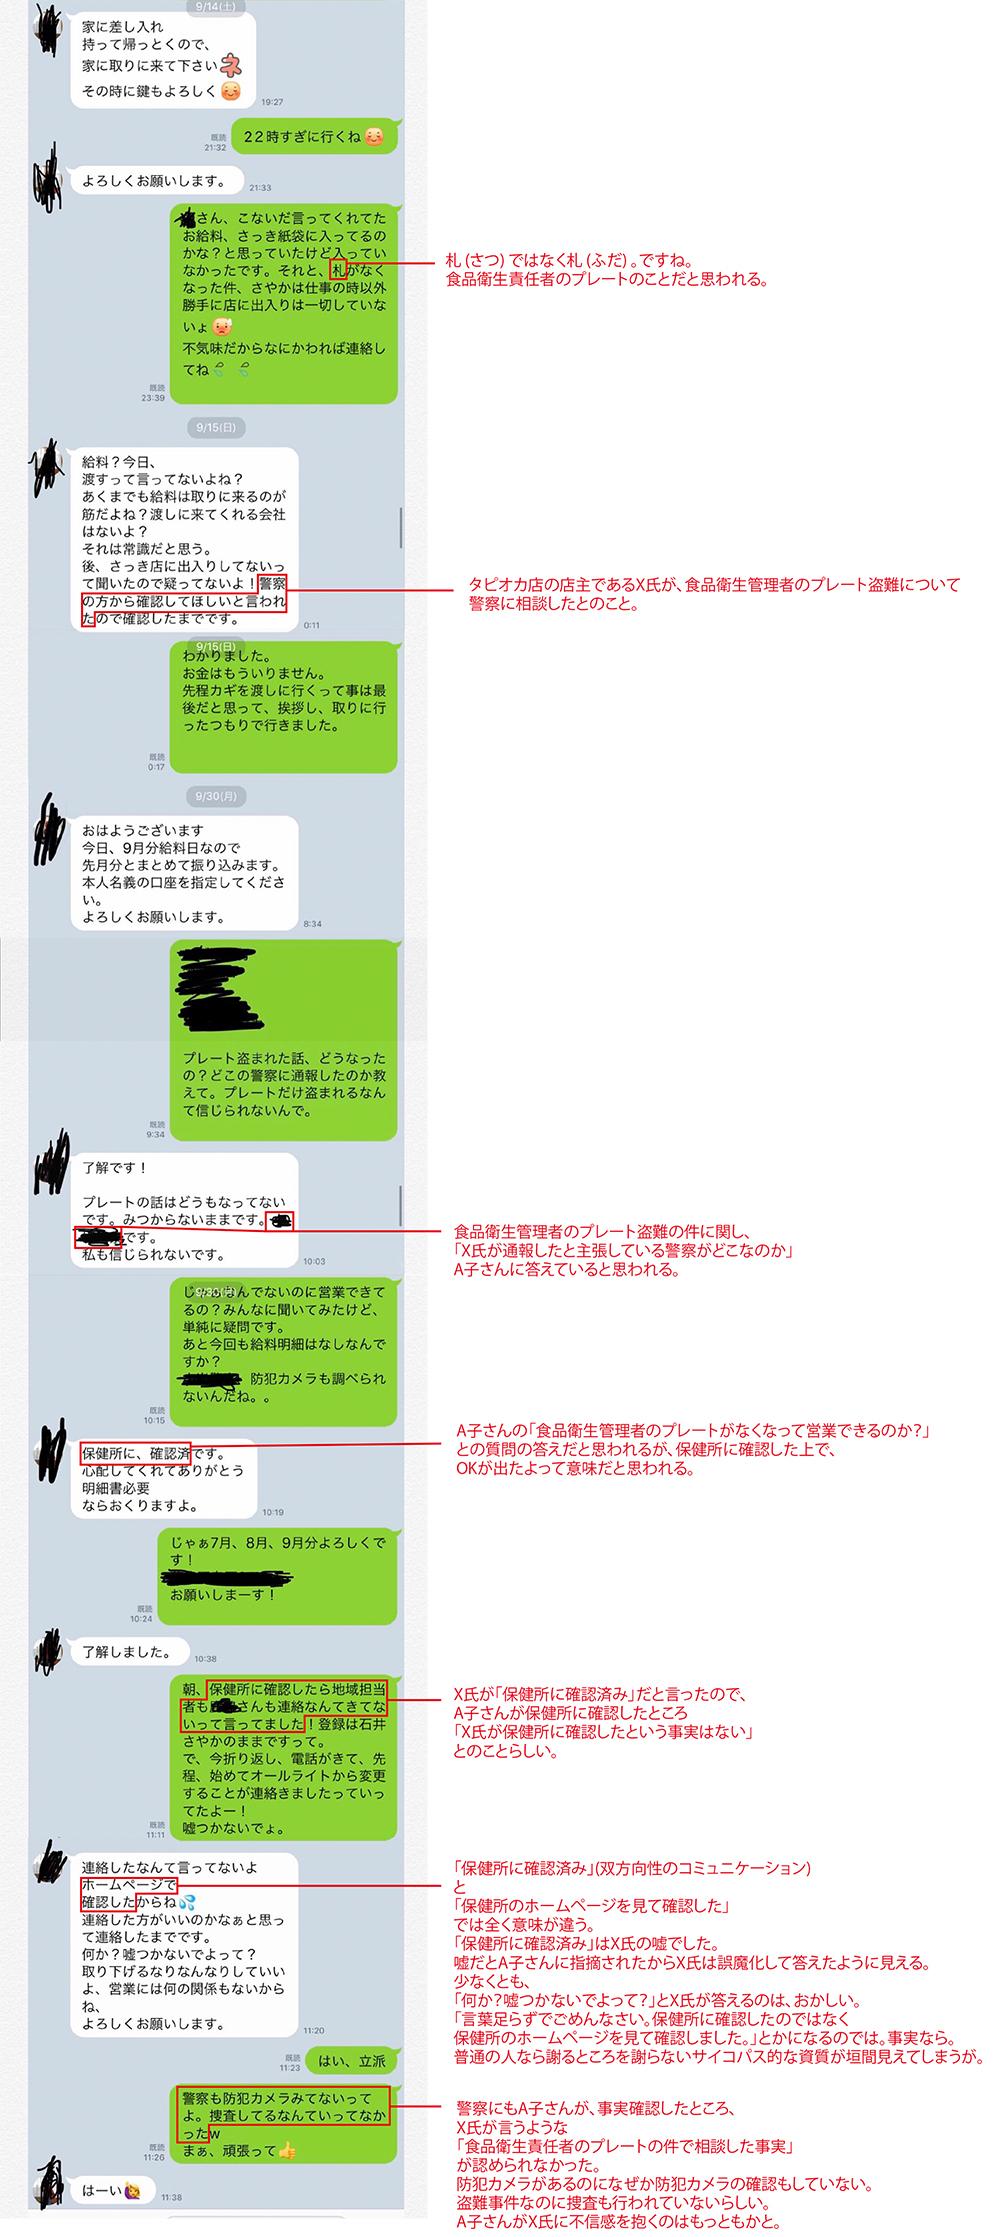 X氏とA子さんのLINEのやりとりの画像まとめ